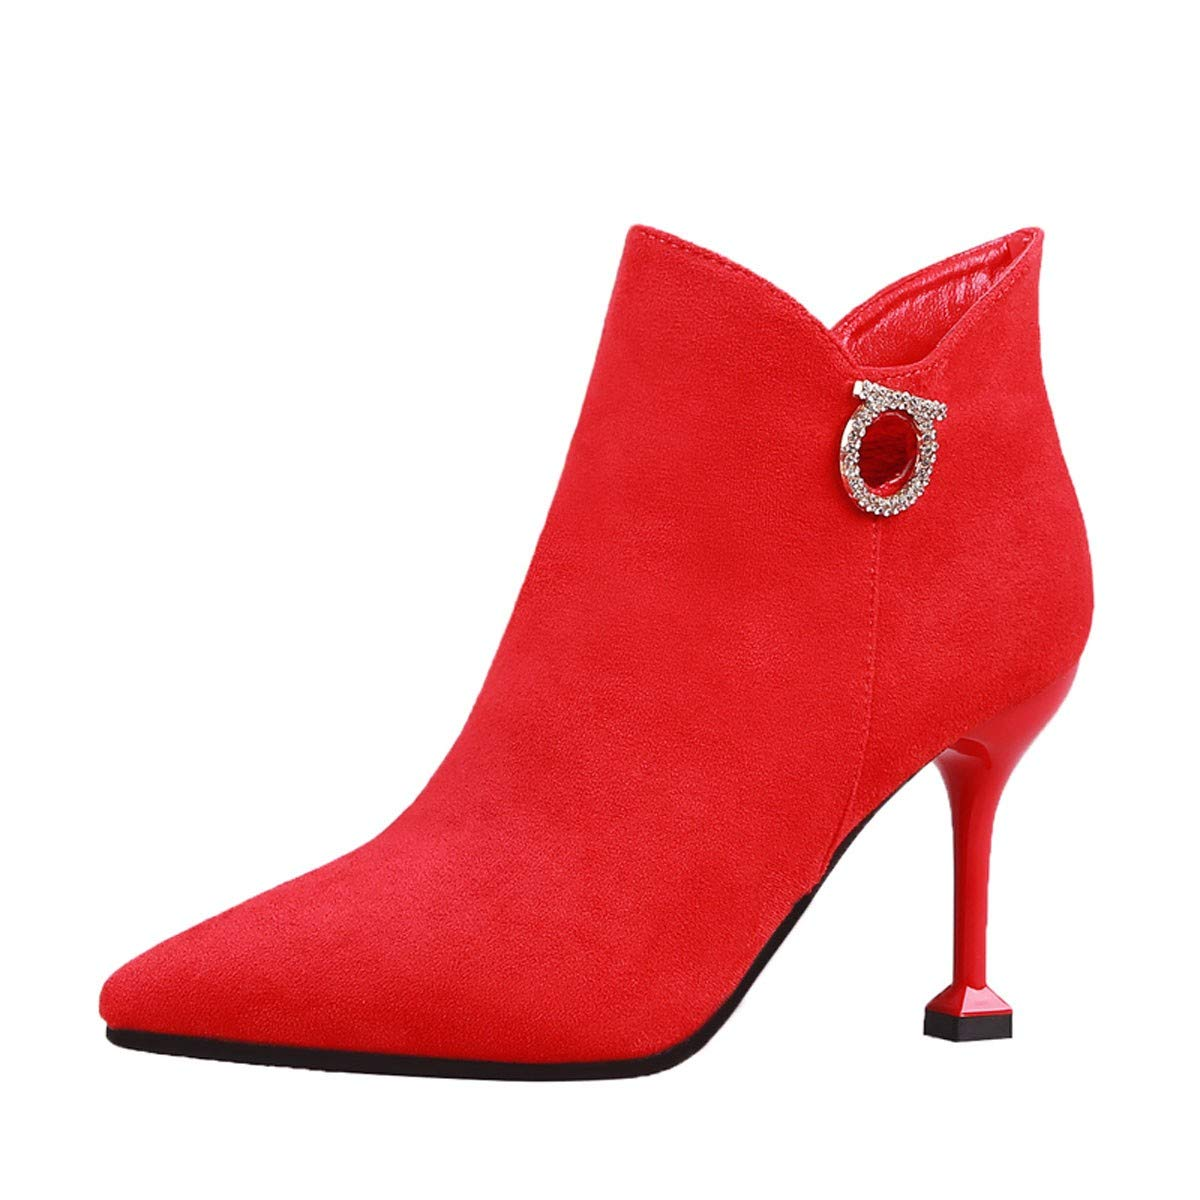 GTVERNH Schuhe Frauen Schuhe Winter - Hochzeit Schuhe GTVERNH Schuhe Mit Hohen Absätzen Rote Braut Schuhe Gut Betuchte 7Cm Chinesische Hochzeit. b2914b